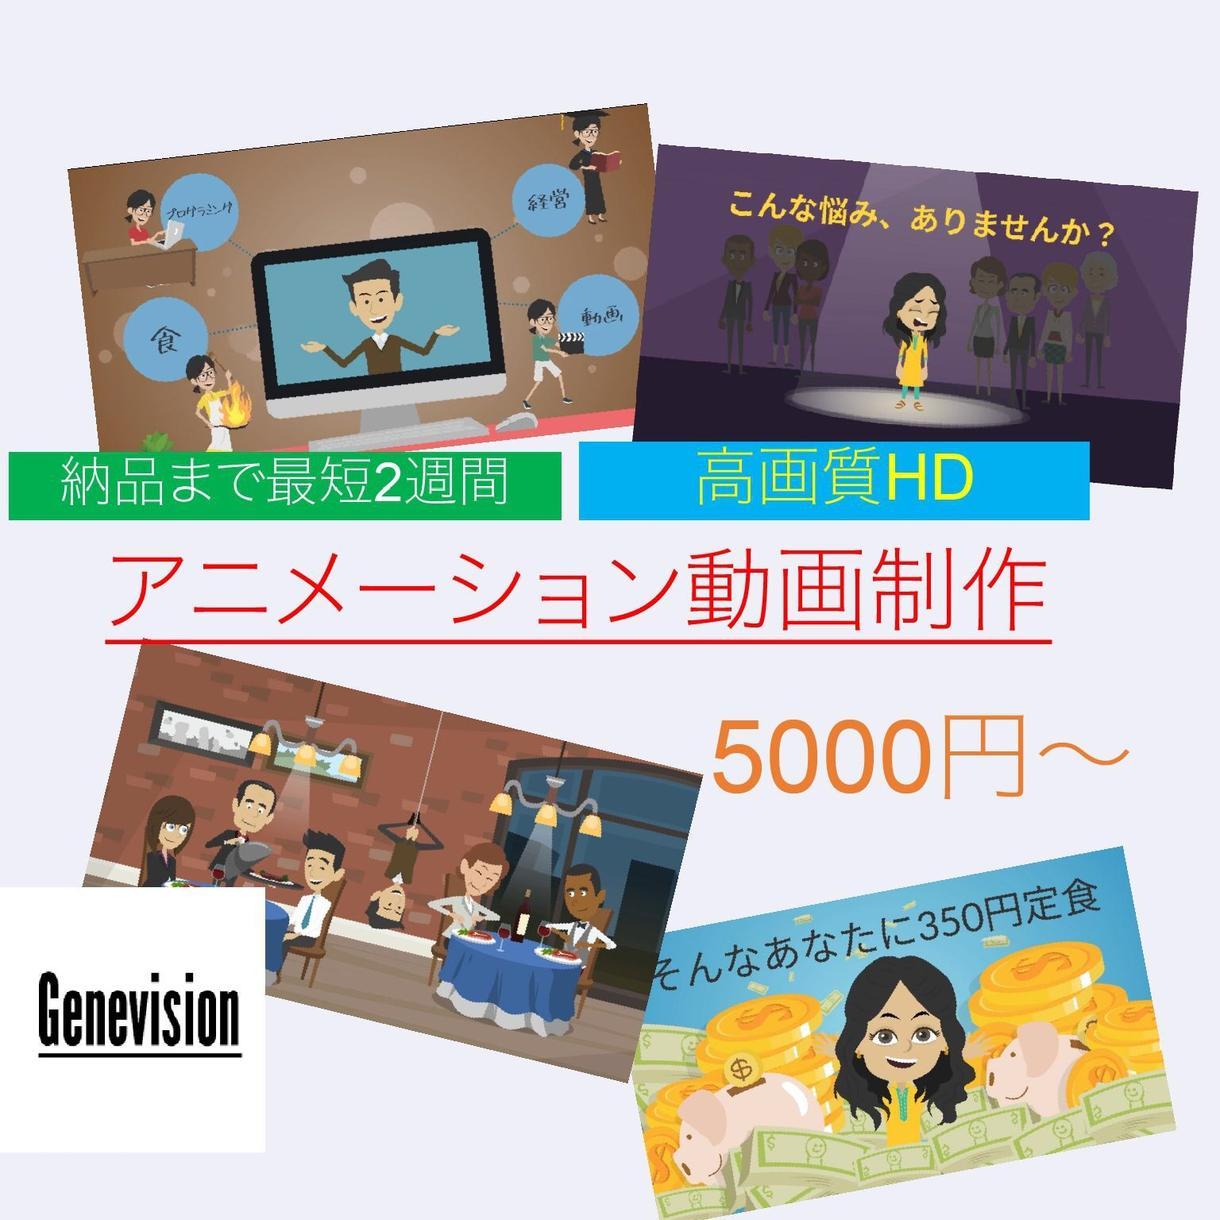 商用◯ 低価格  多様なアニメーション動画作ります 低価格5000円〜・高品質HDアニメーション動画作ります!